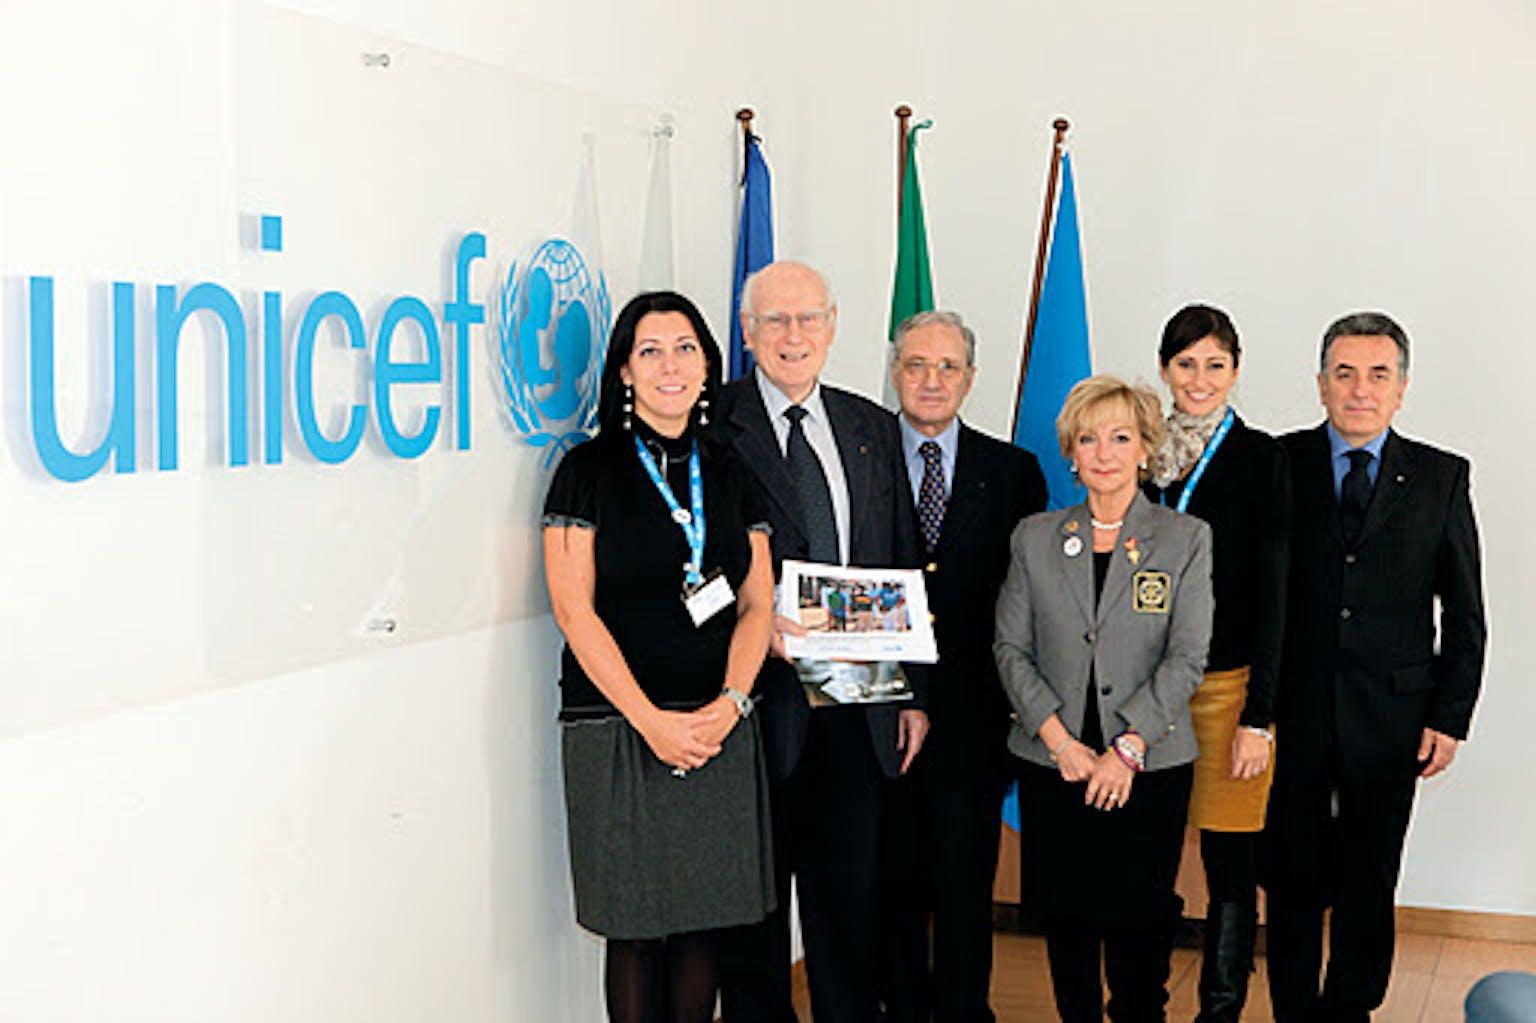 Una delegazione del Rotary in visita alla sede dell'UNICEF Italia